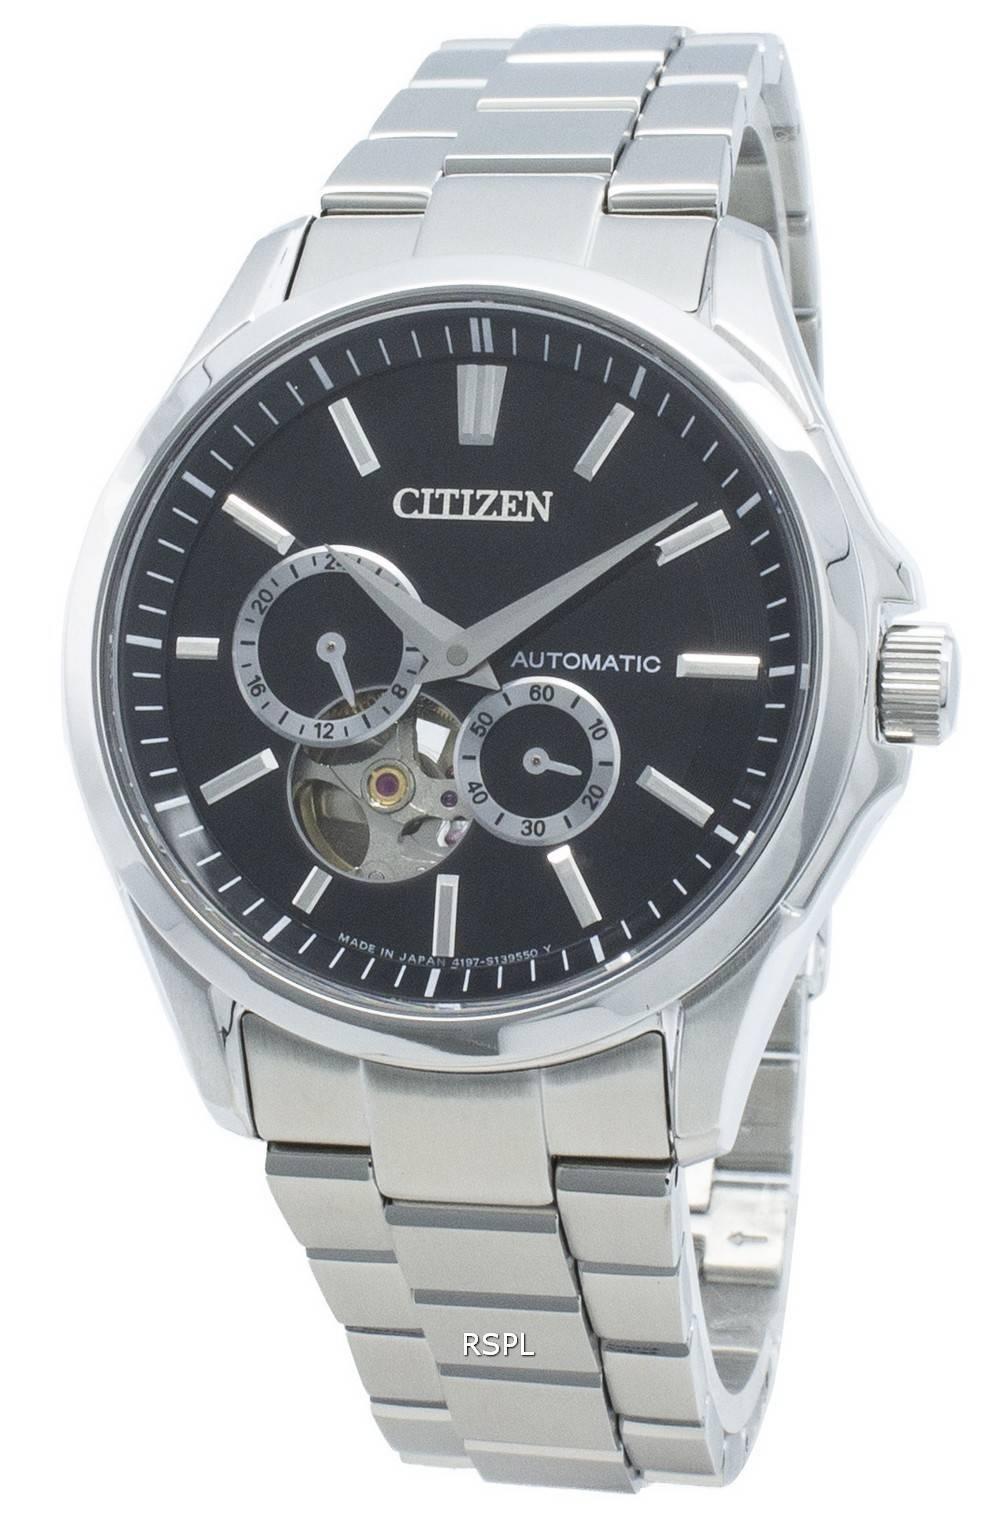 Citizen NP1010-51E automaattinen japanilainen miesten kello